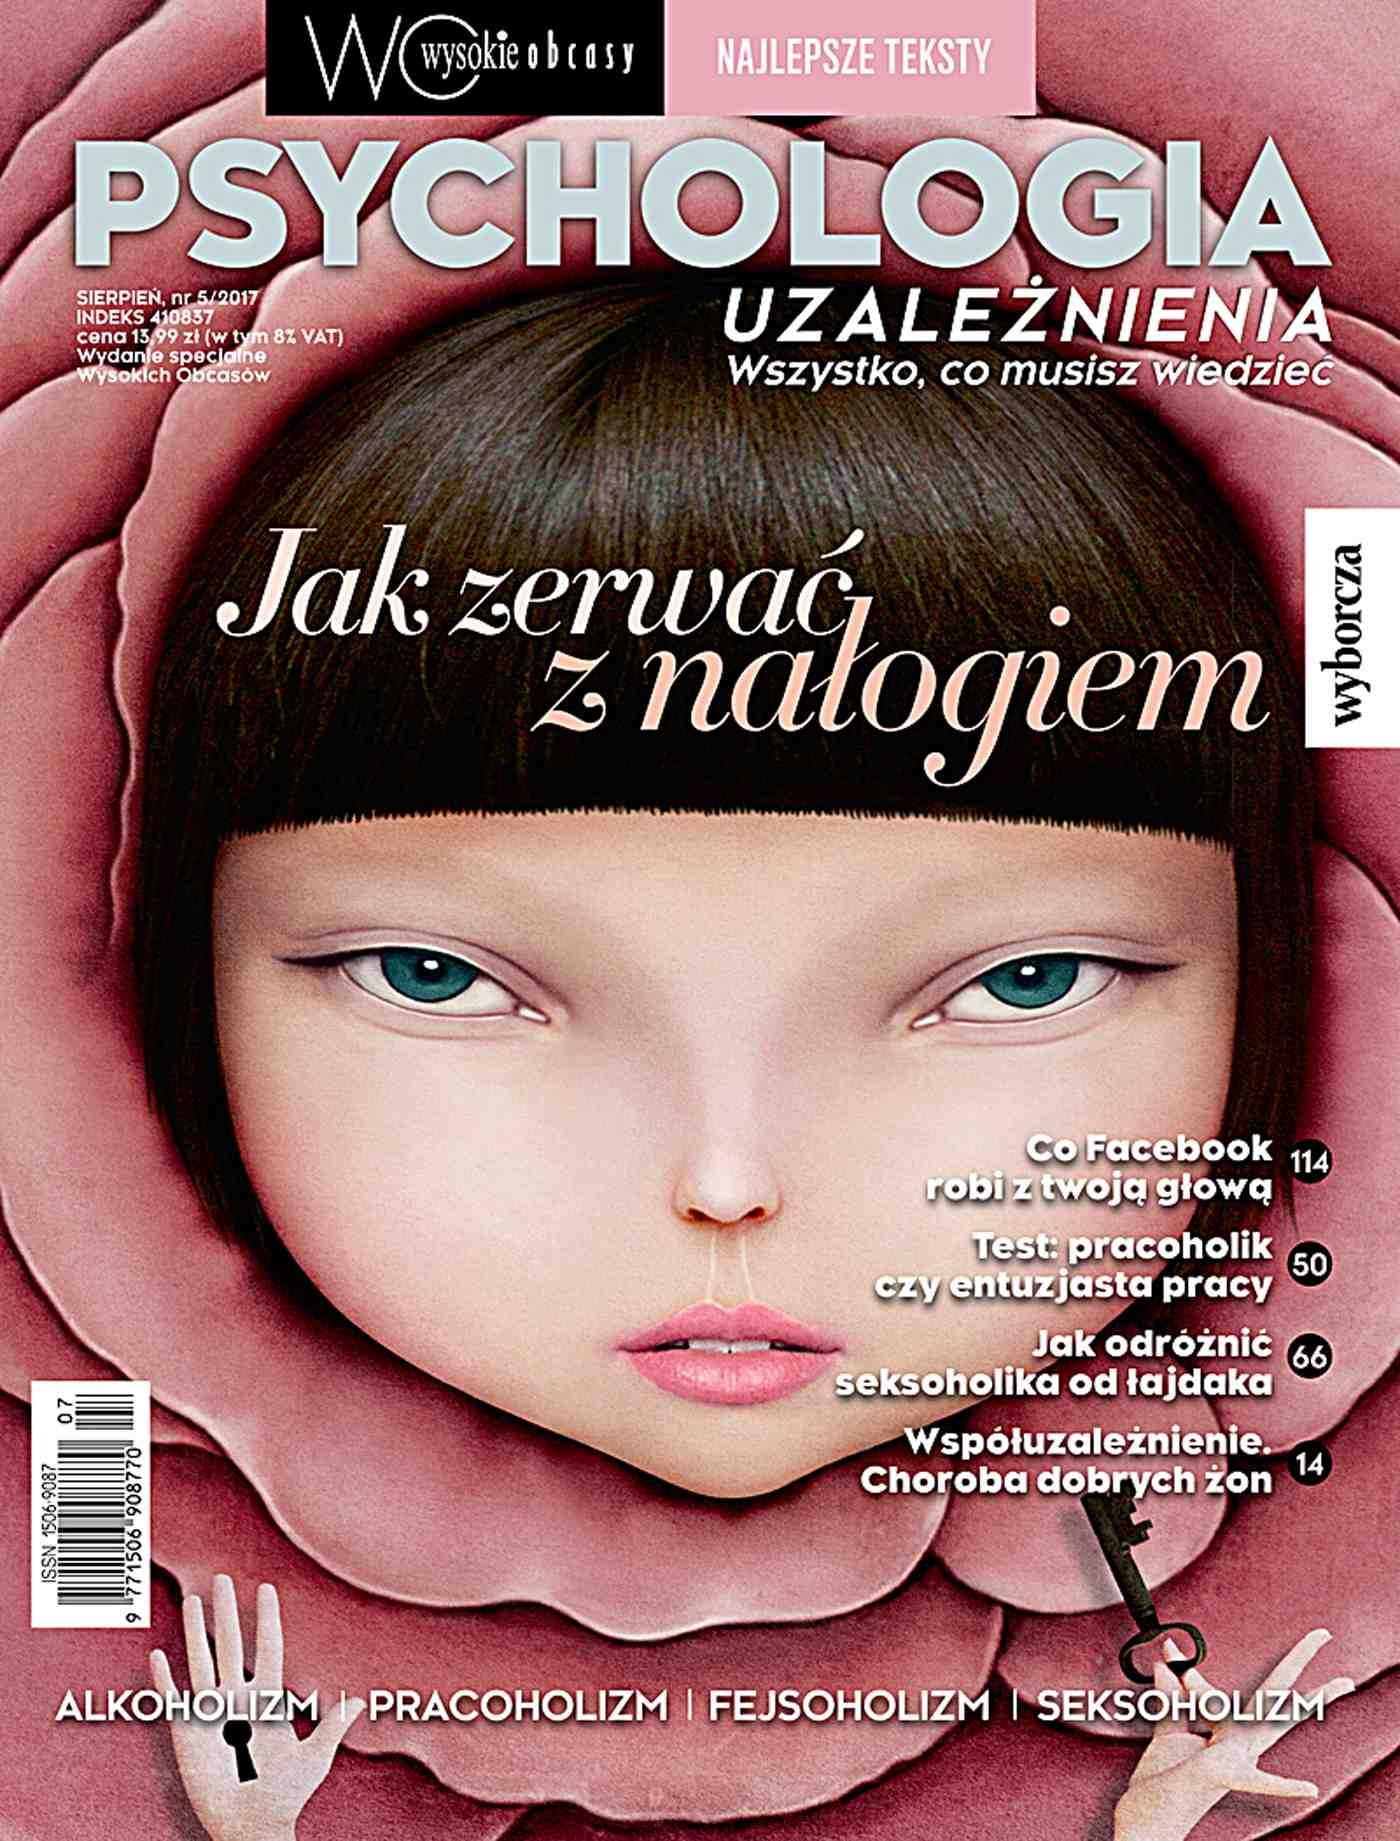 Psychologia uzależnienia. Wysokie Obcasy. Wydanie Specjalne 5/2017 - Ebook (Książka na Kindle) do pobrania w formacie MOBI